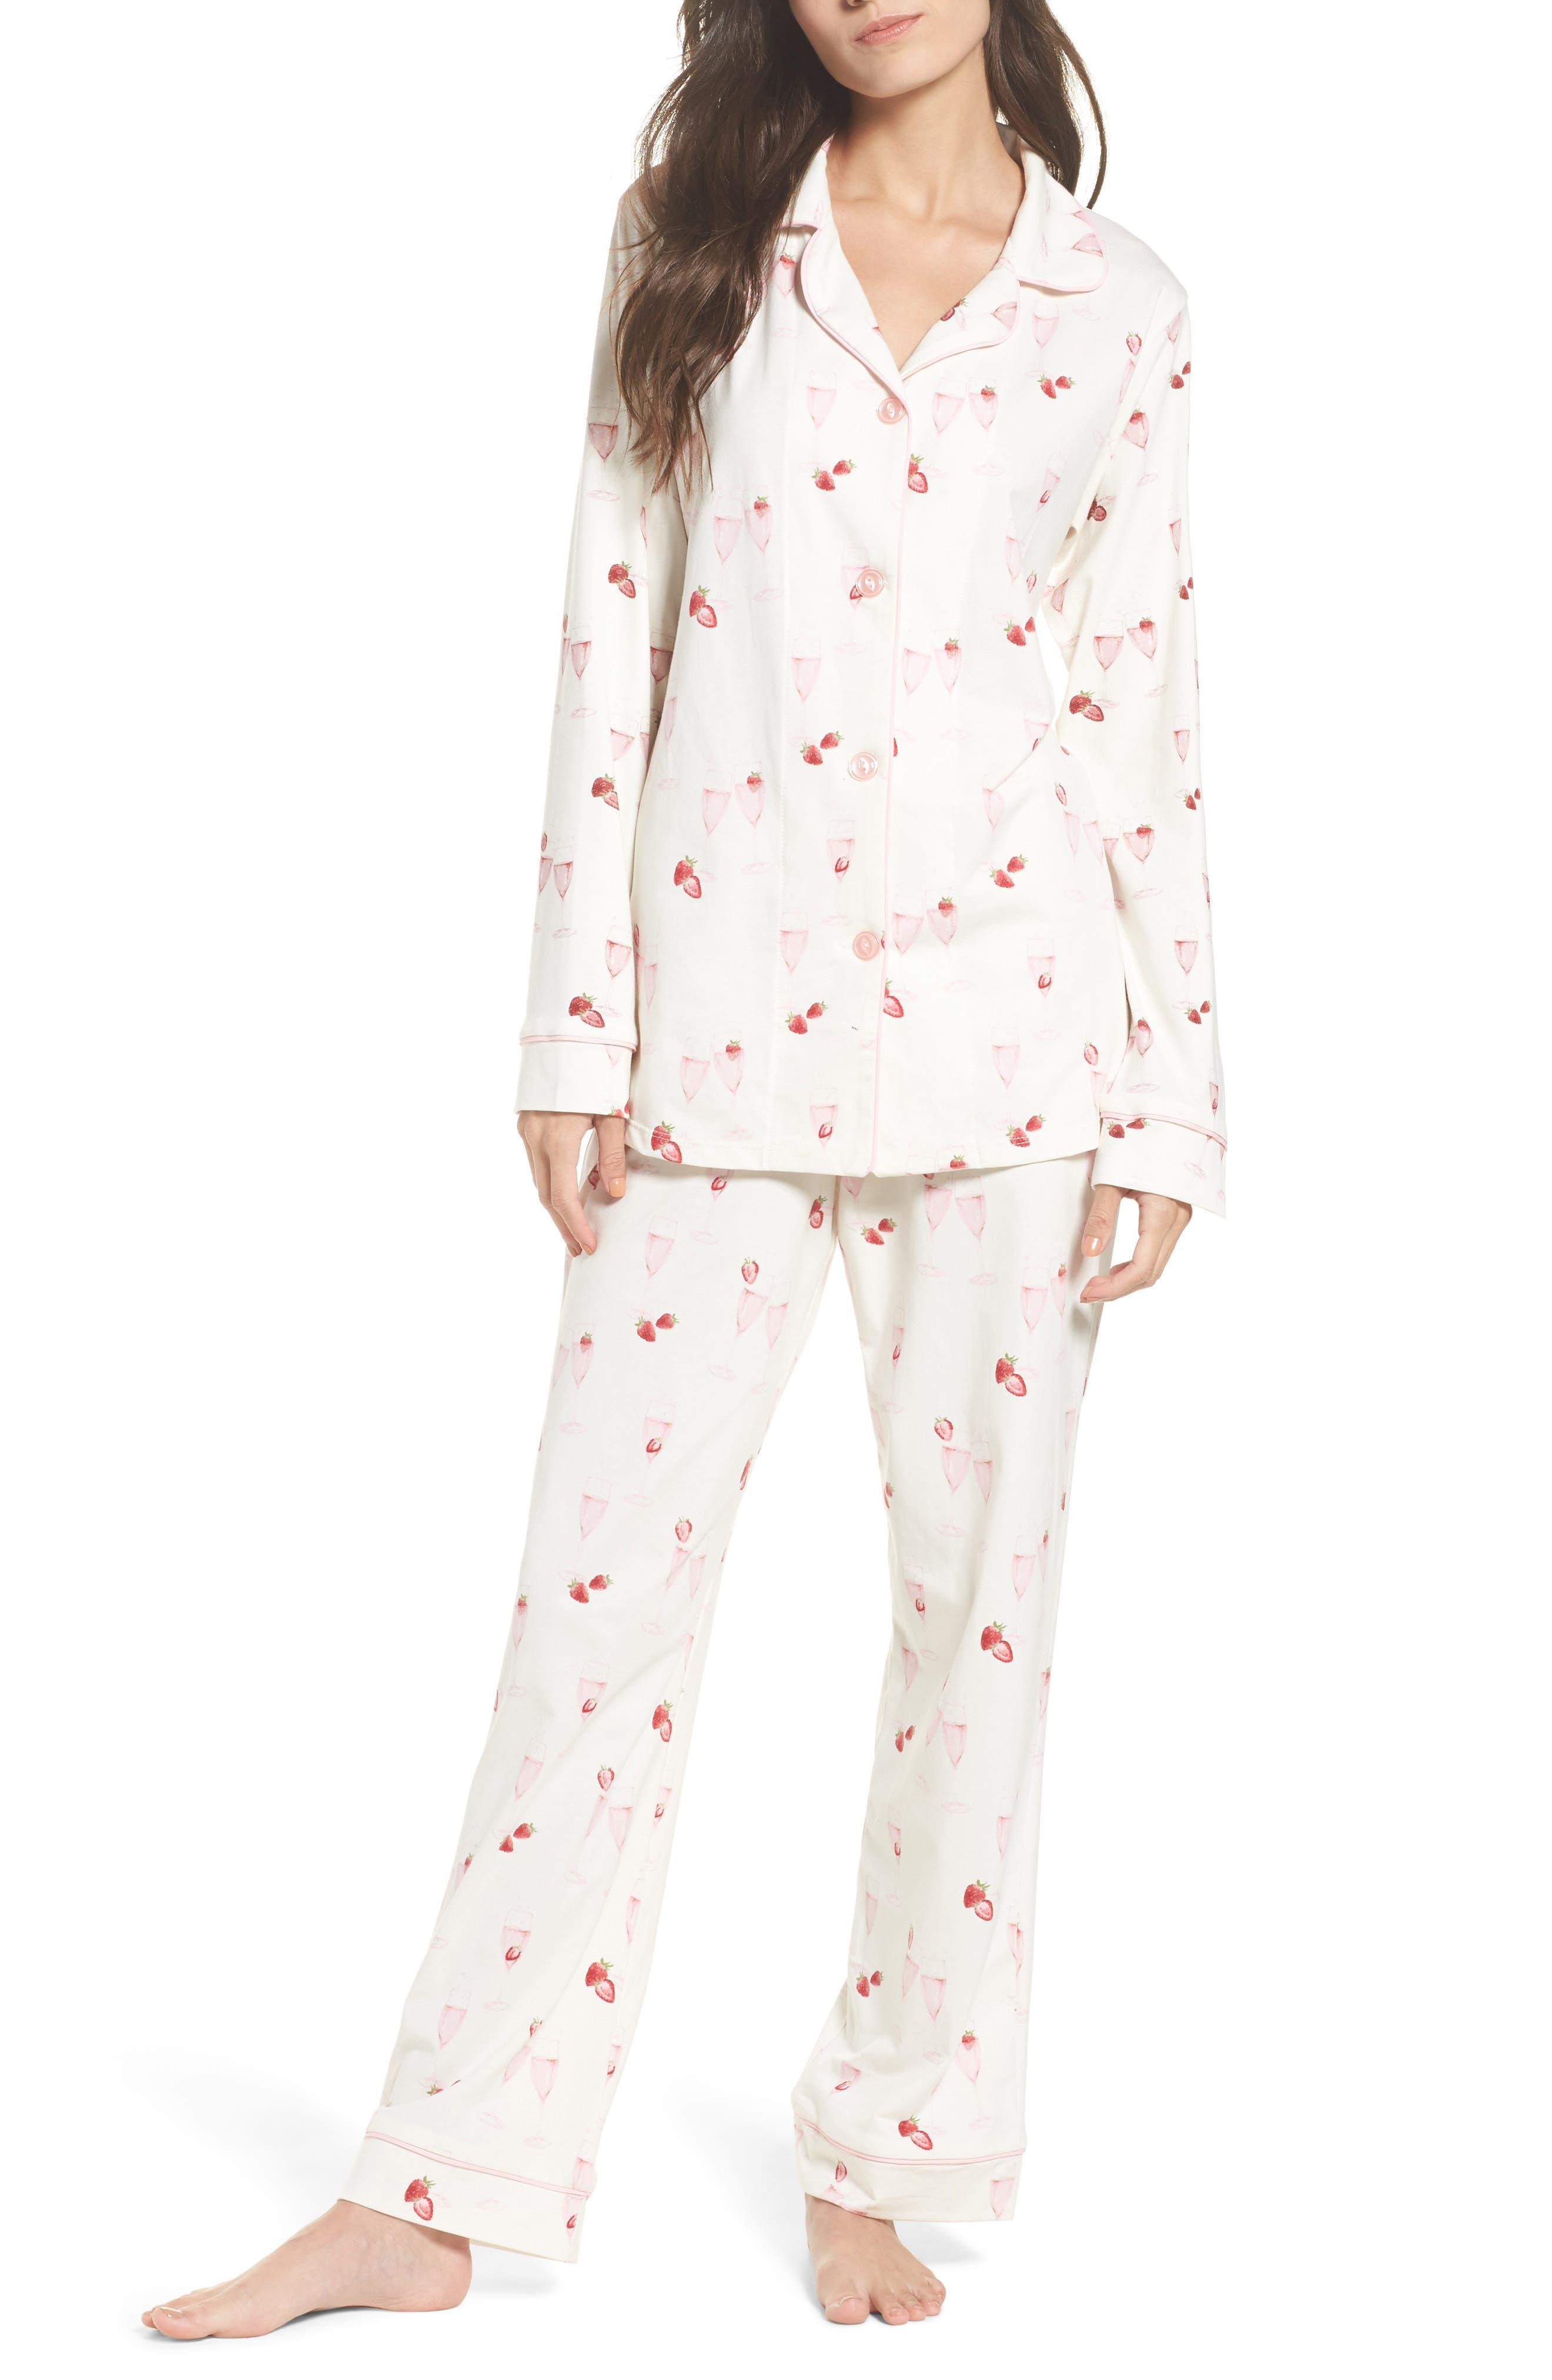 Strawberries & Champagne Print Pajamas,                             Main thumbnail 1, color,                             111